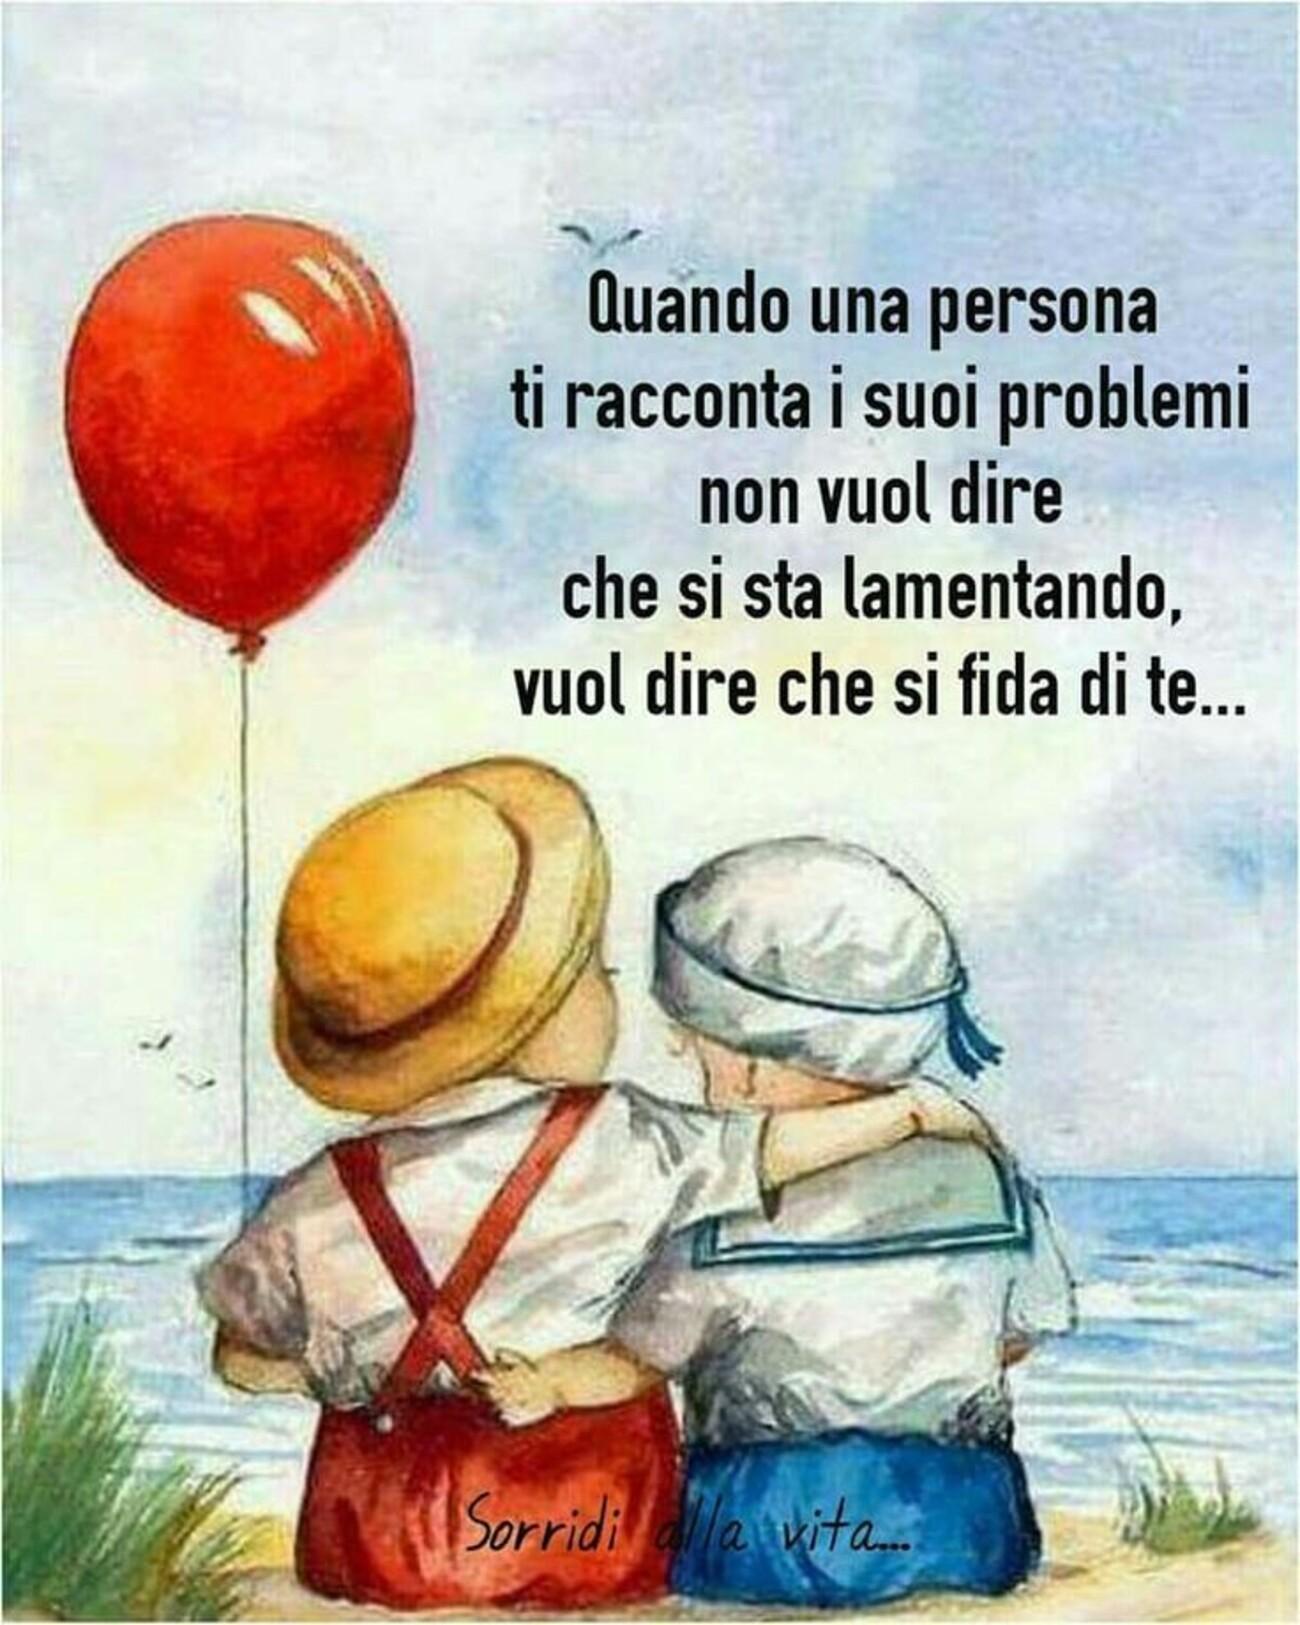 Quando una persona ti racconta i suoi problemi non vuol dire che si sta lamentando, vuol dire che si fida di te...